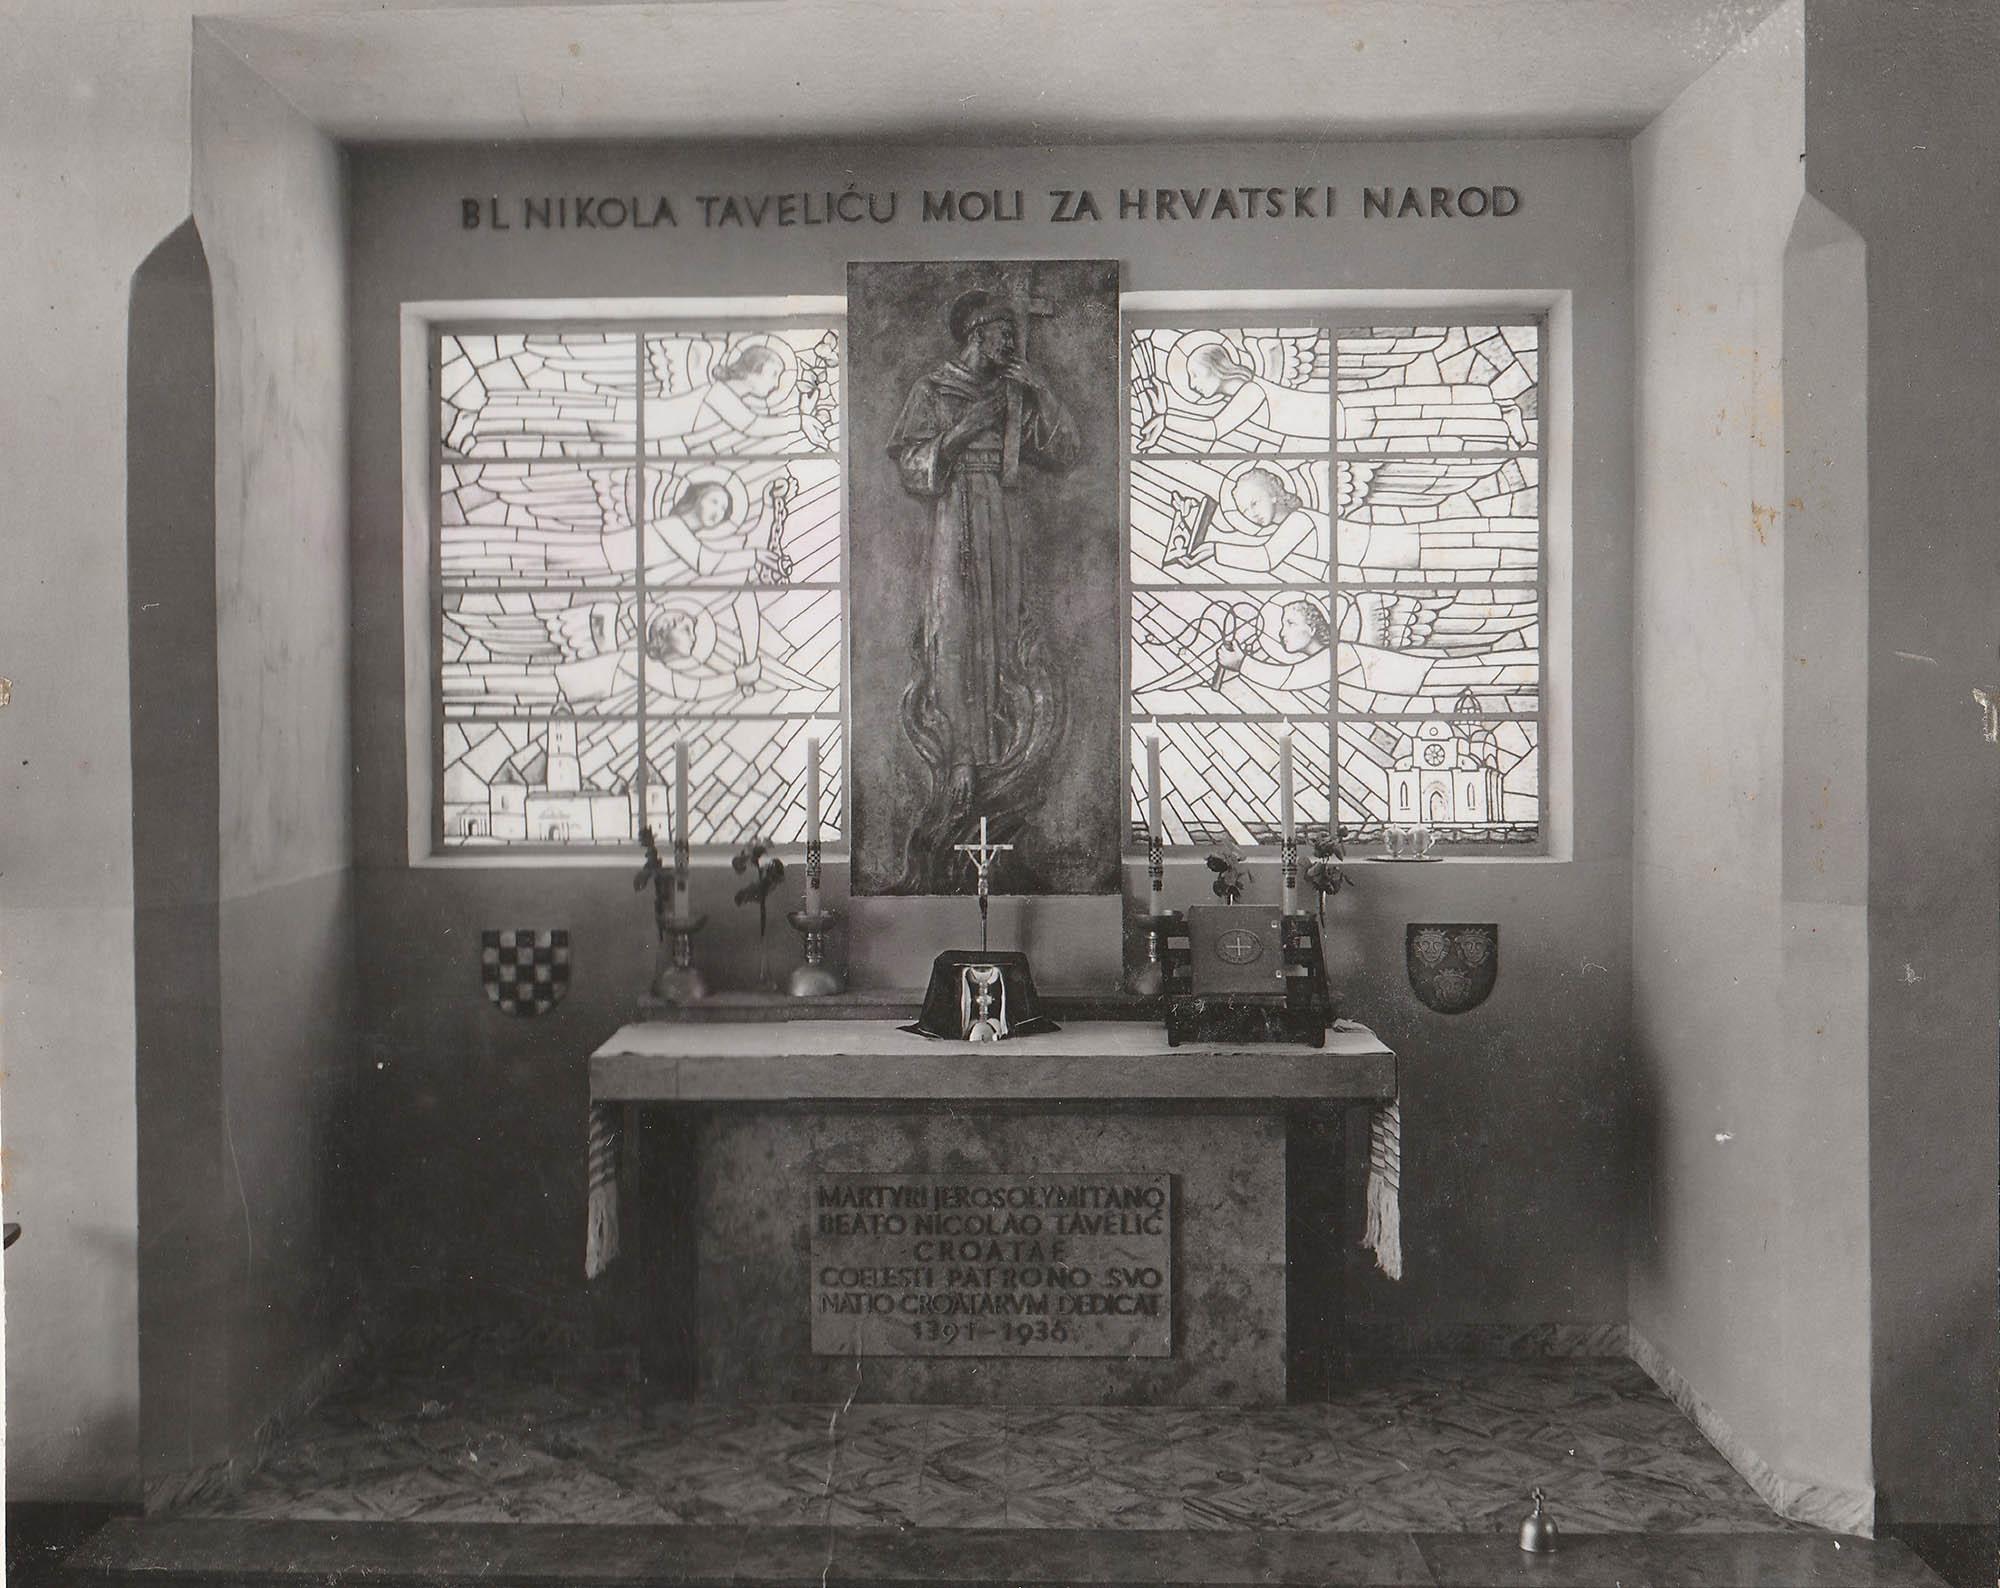 Posveta oltara NikoleTavelića u Jeruzalemu 1937. godine. Pred ...